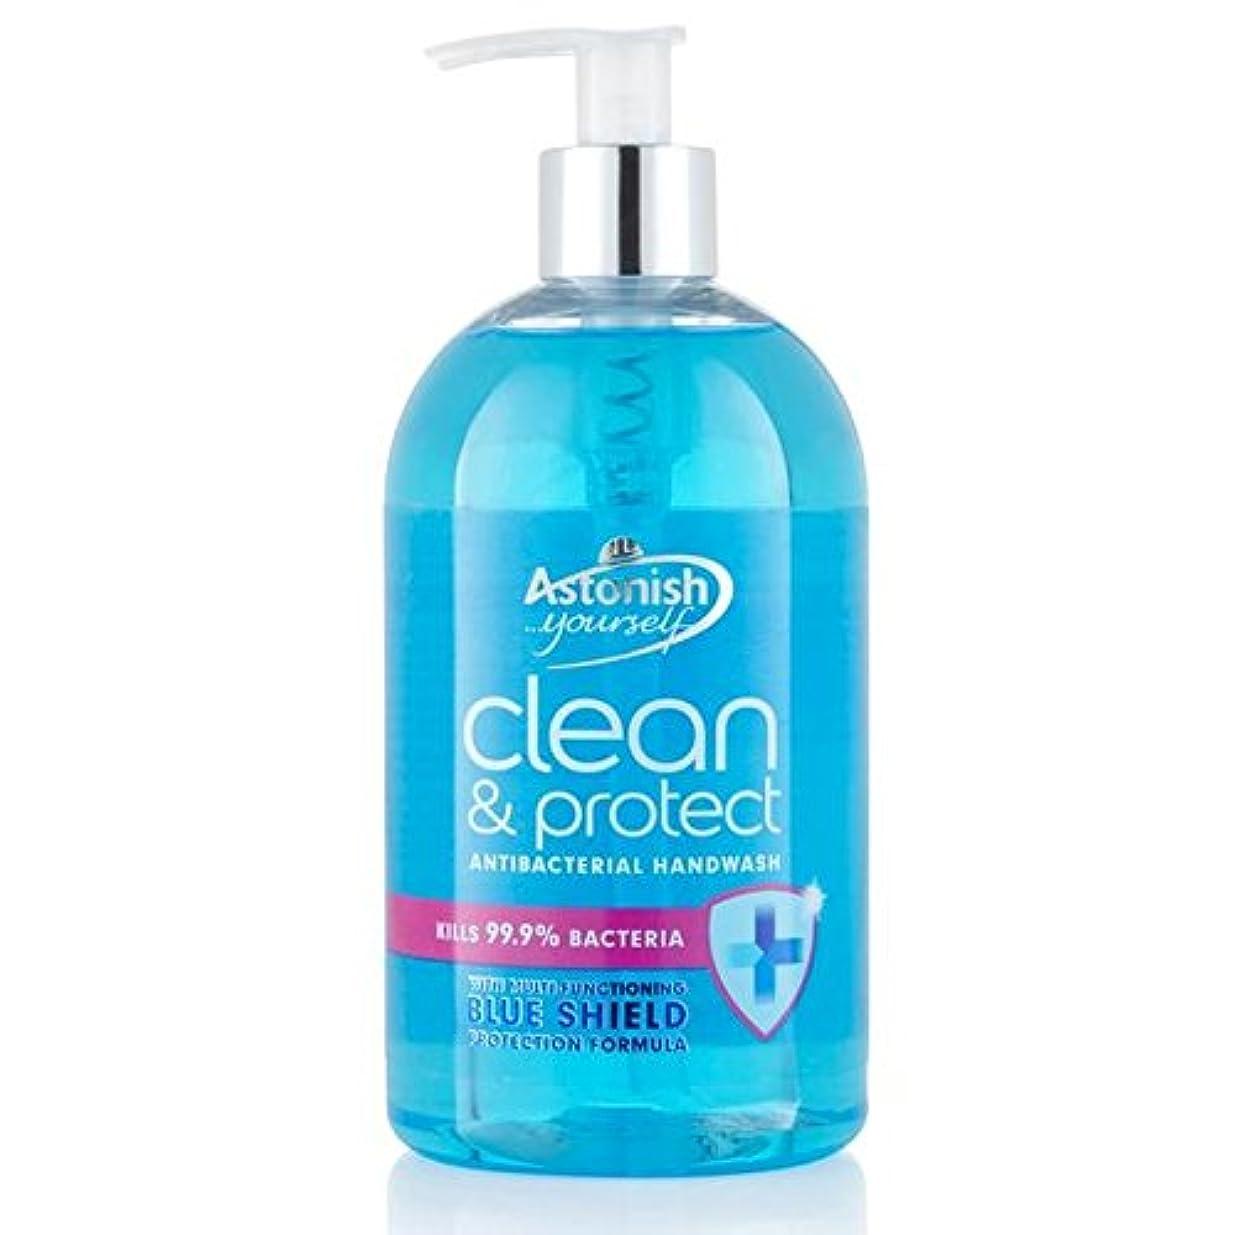 混乱した無数の顕微鏡クリーン驚か&ハンドウォッシュ500ミリリットルを保護 x4 - Astonish Clean & Protect Hand Wash 500ml (Pack of 4) [並行輸入品]